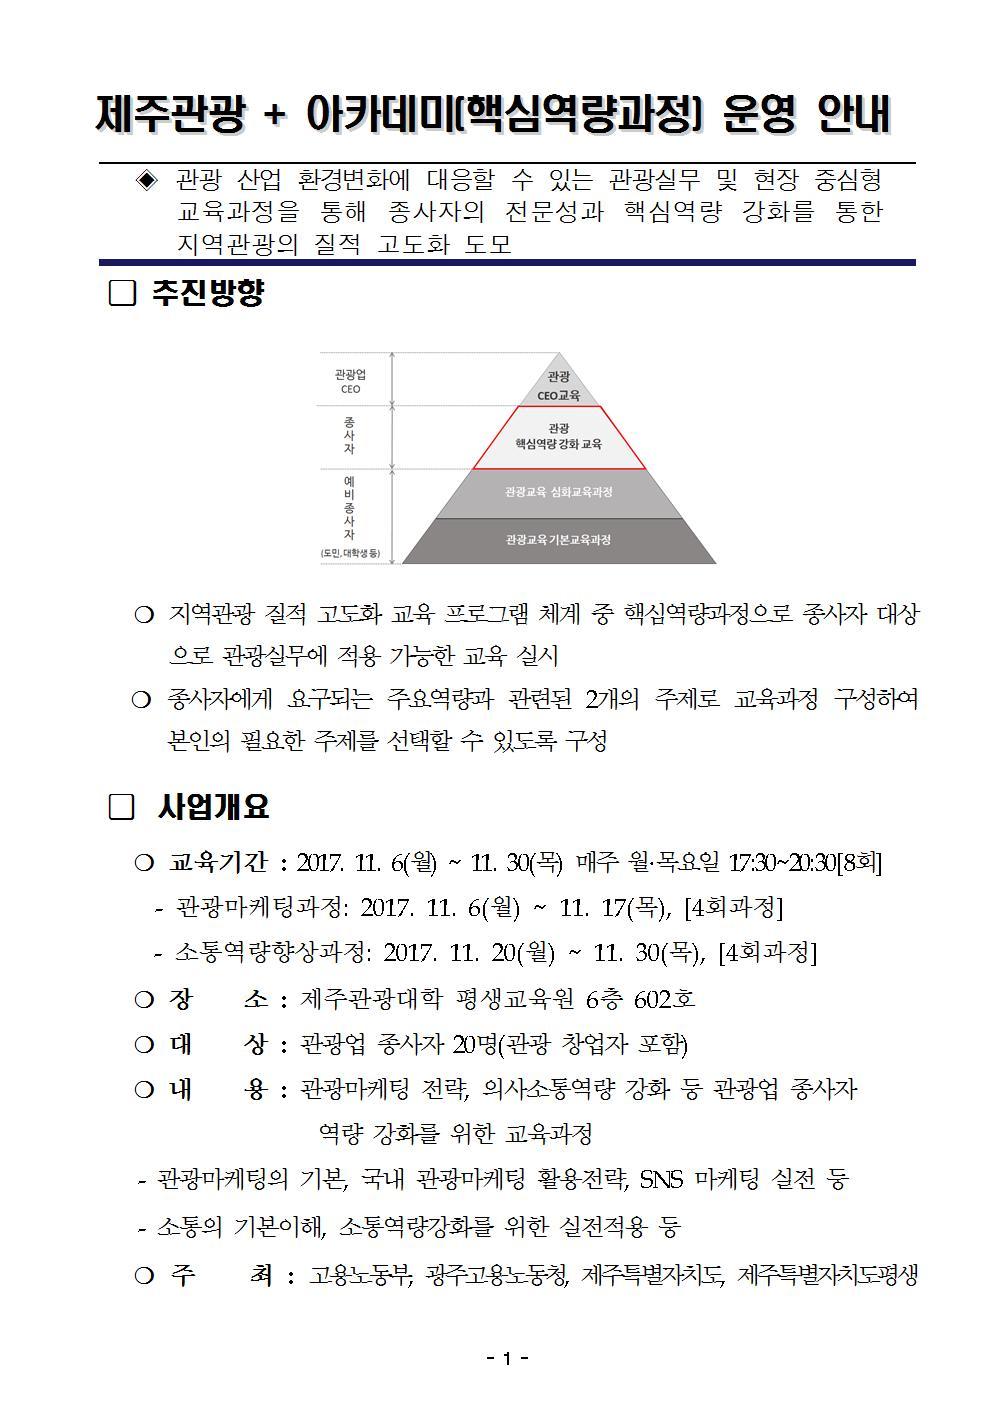 1.제주관광+아카데미  핵심역량과정 운영안내001.jpg